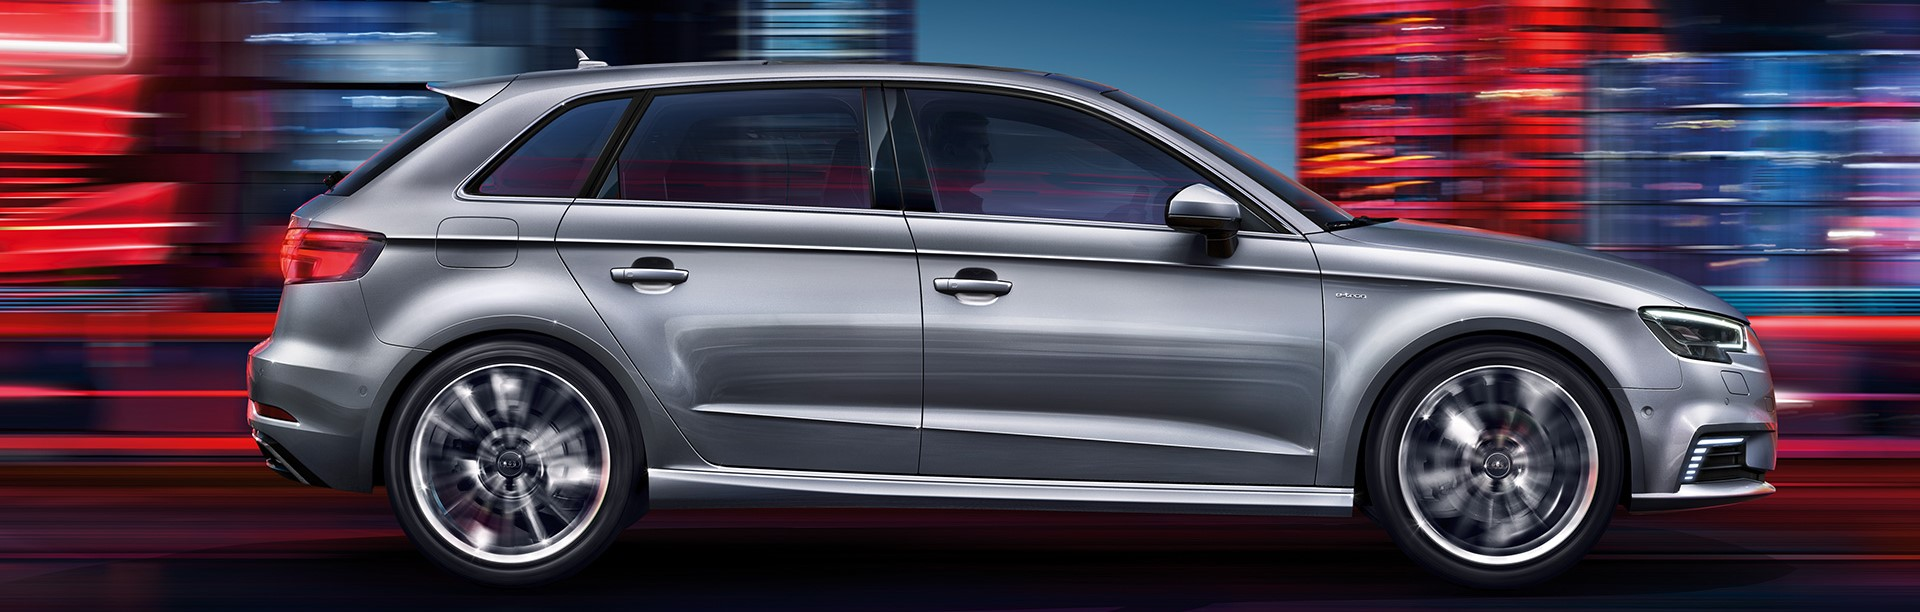 Laadpaal kopen voor uw elektrische Audi A3 Sportback E-Tron